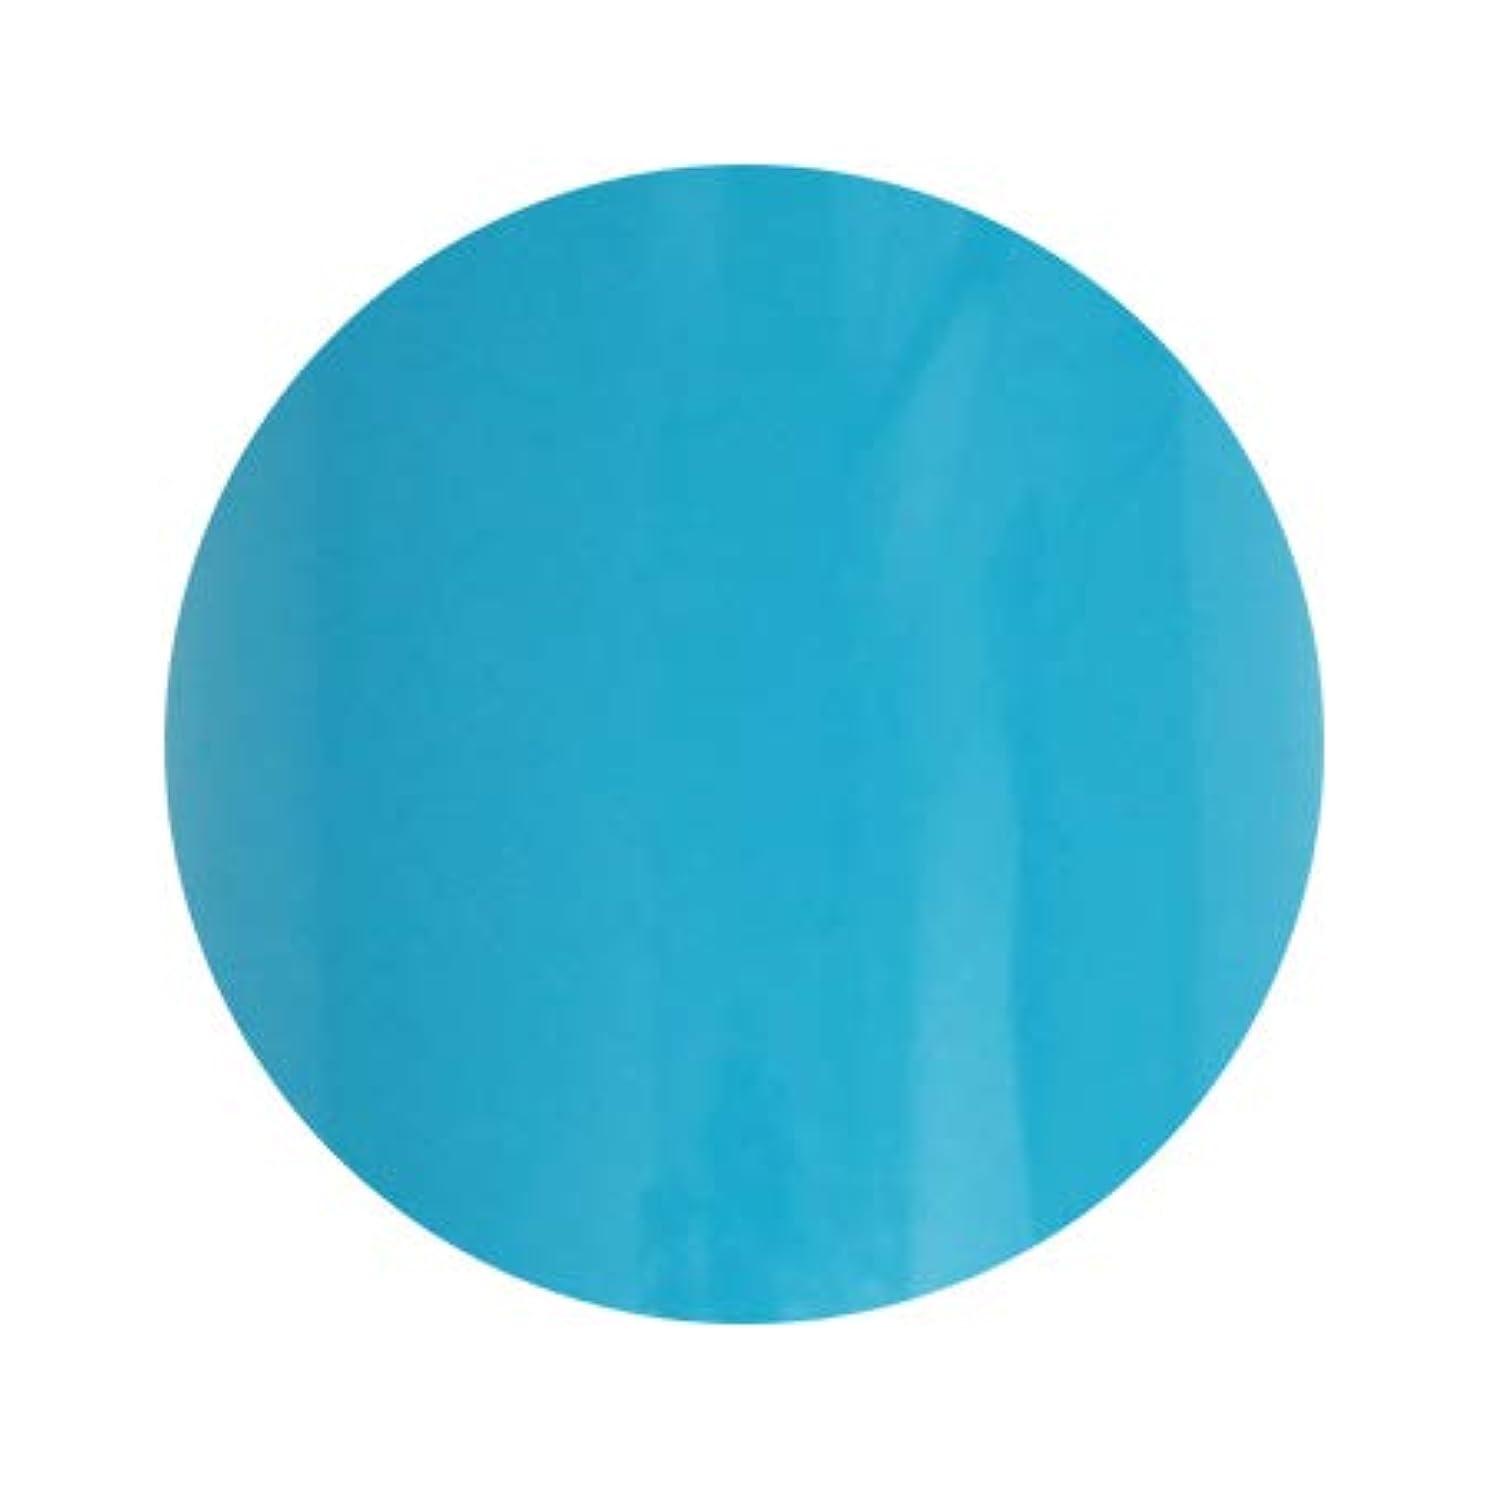 敬意を表するアクセス瞬時にLUCU GEL ルクジェル カラー BLM14 ネイティブブルー 3.5g